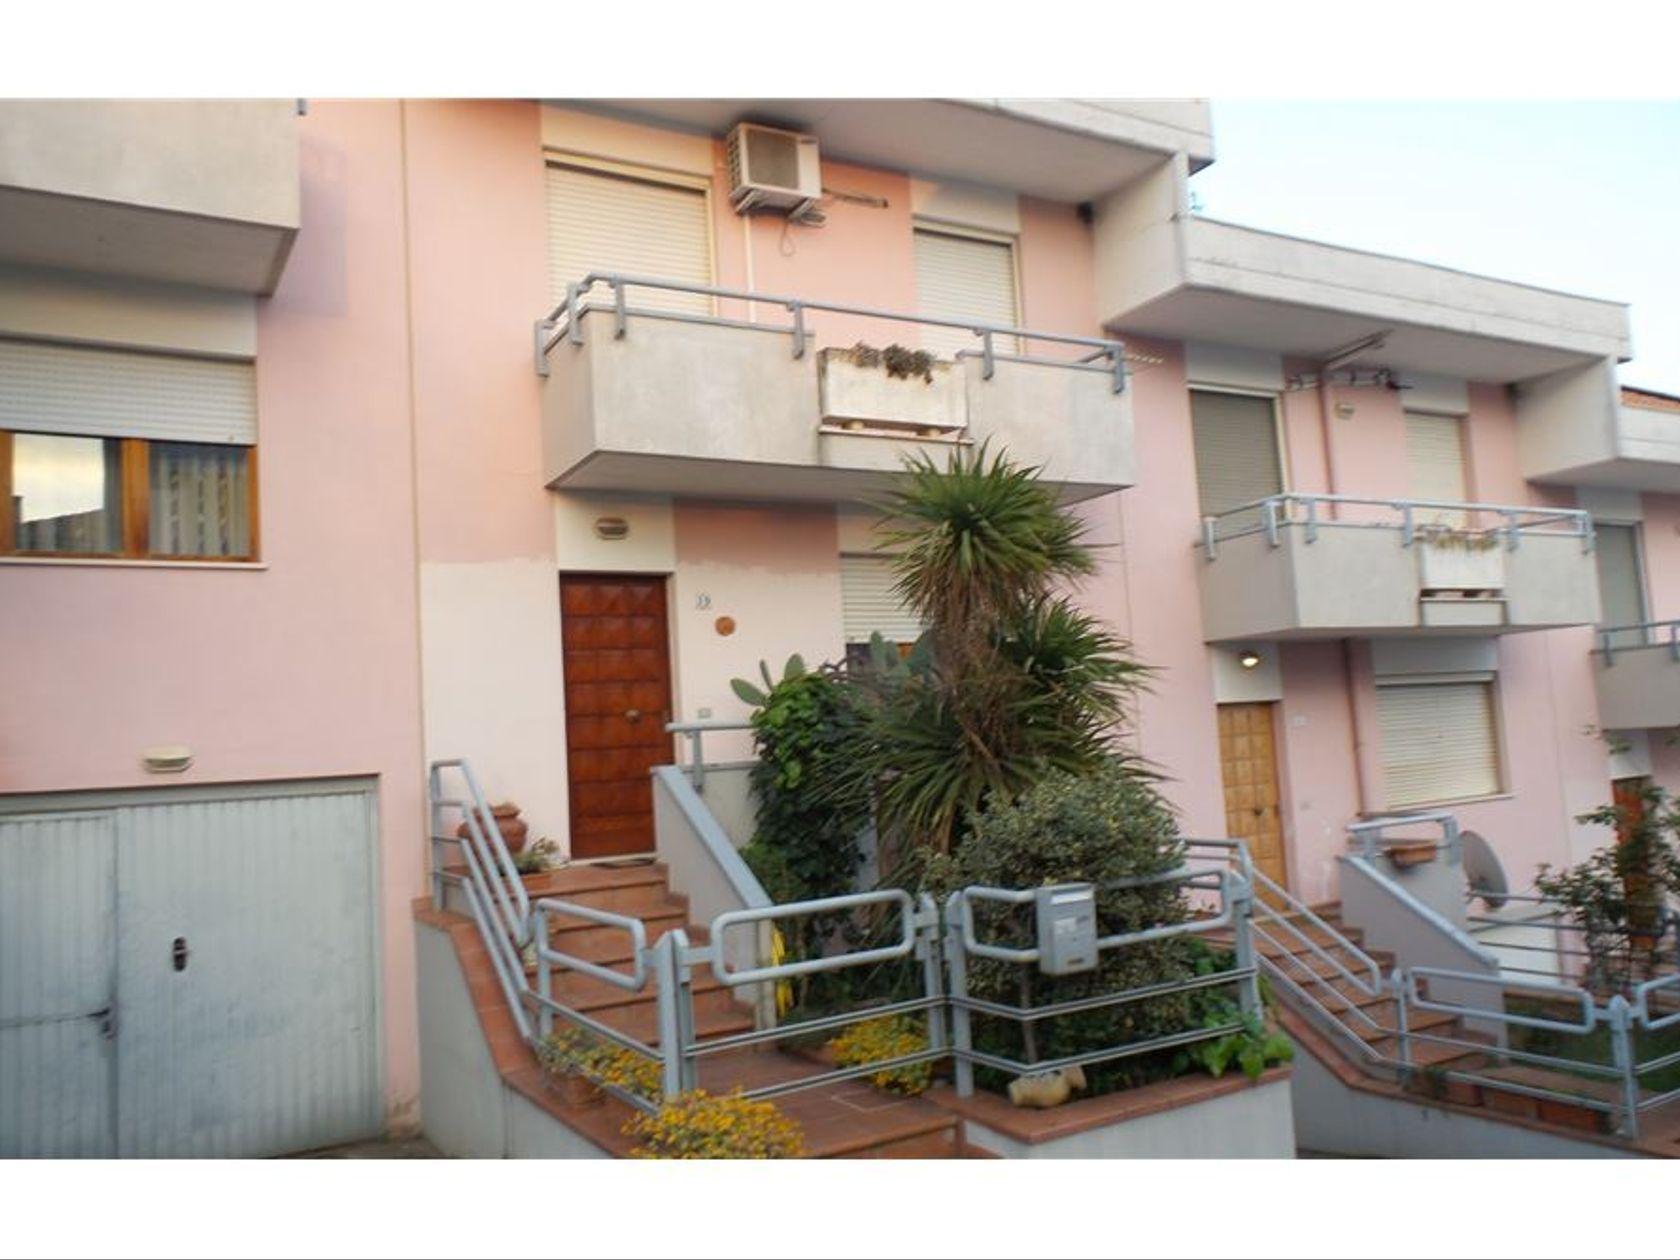 Villa a schiera Pescara-colle Innamorati, Pescara, PE Vendita - Foto 3